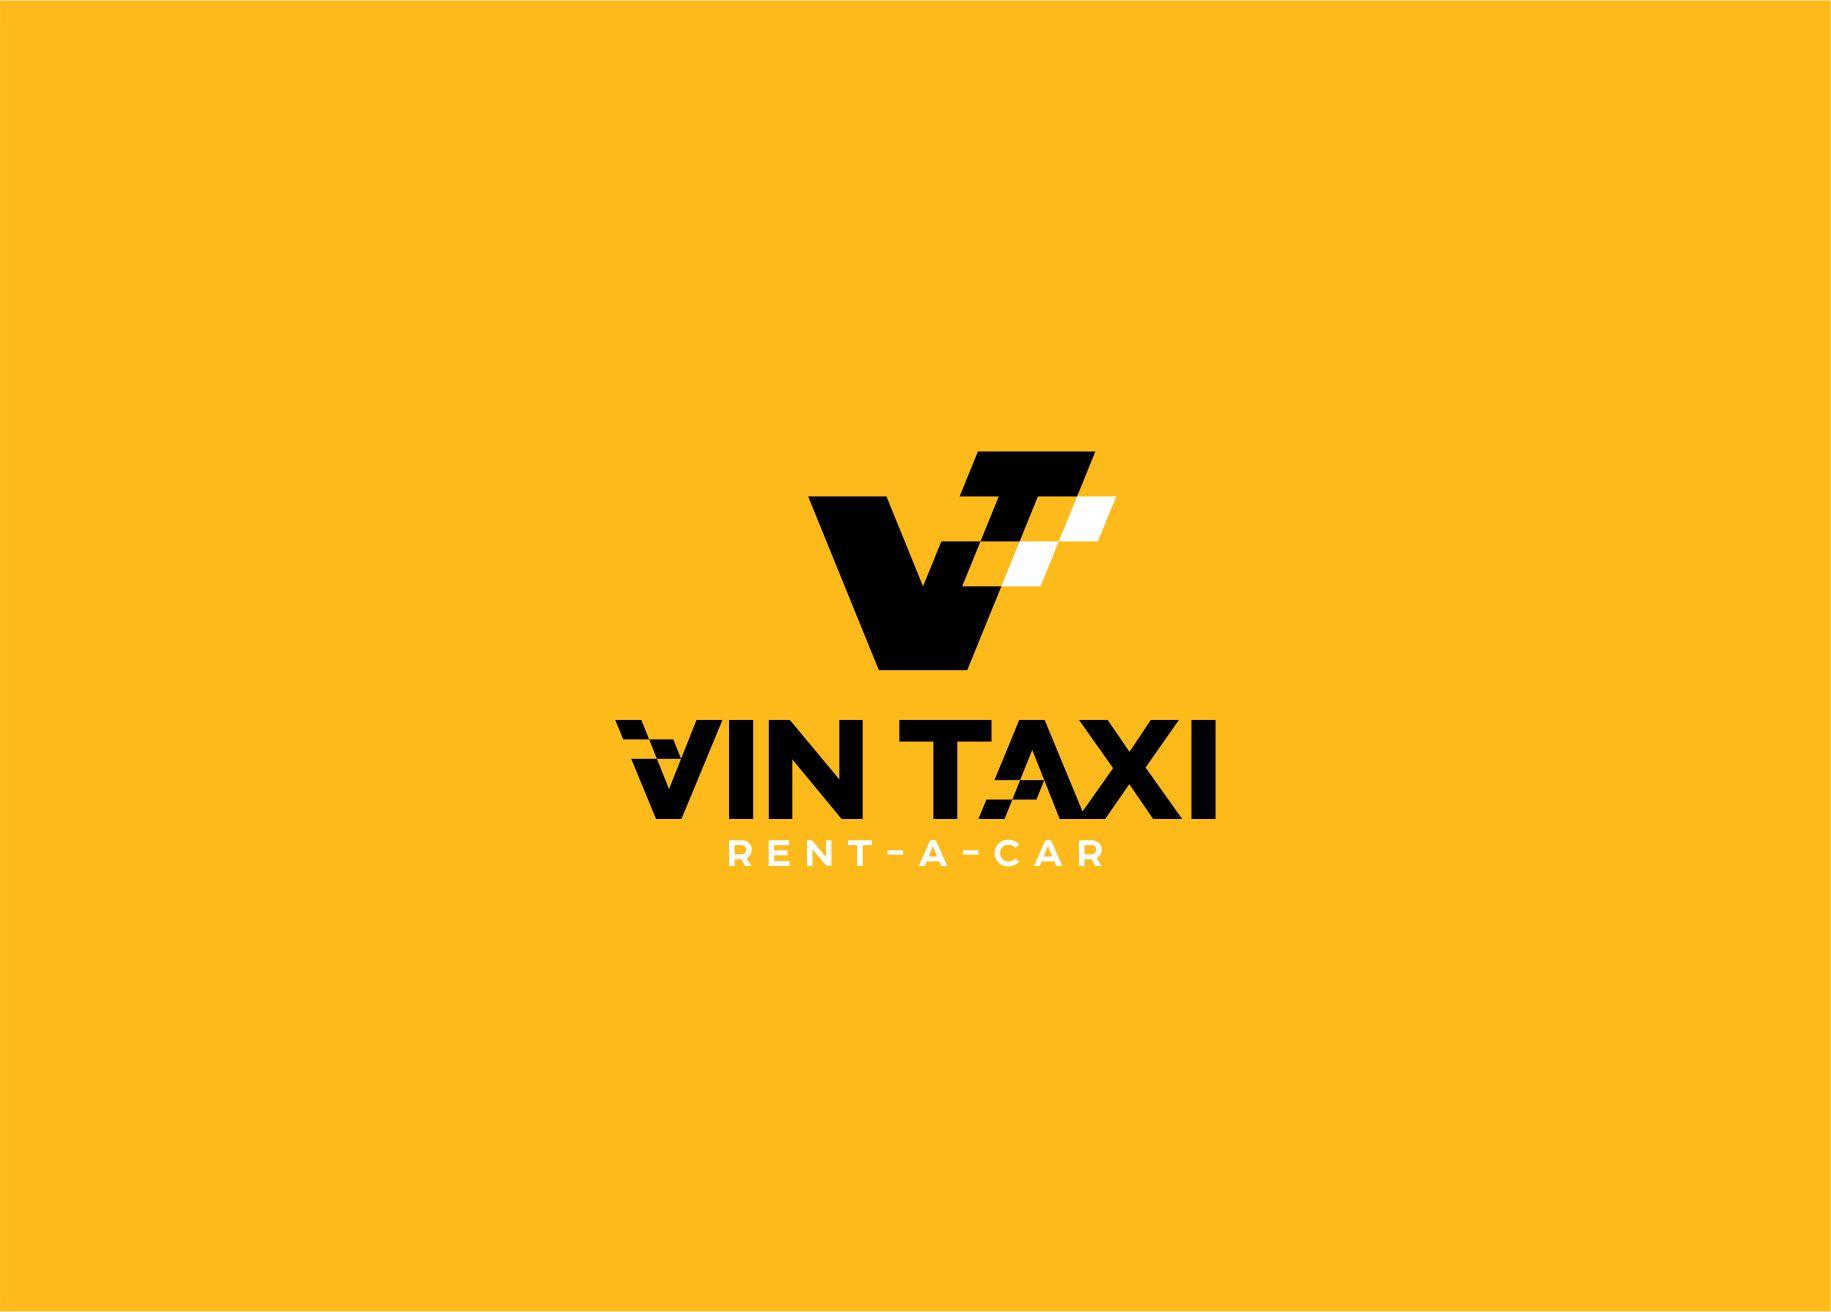 Разработка логотипа и фирменного стиля для такси фото f_4895b91ac7f43f3c.jpg